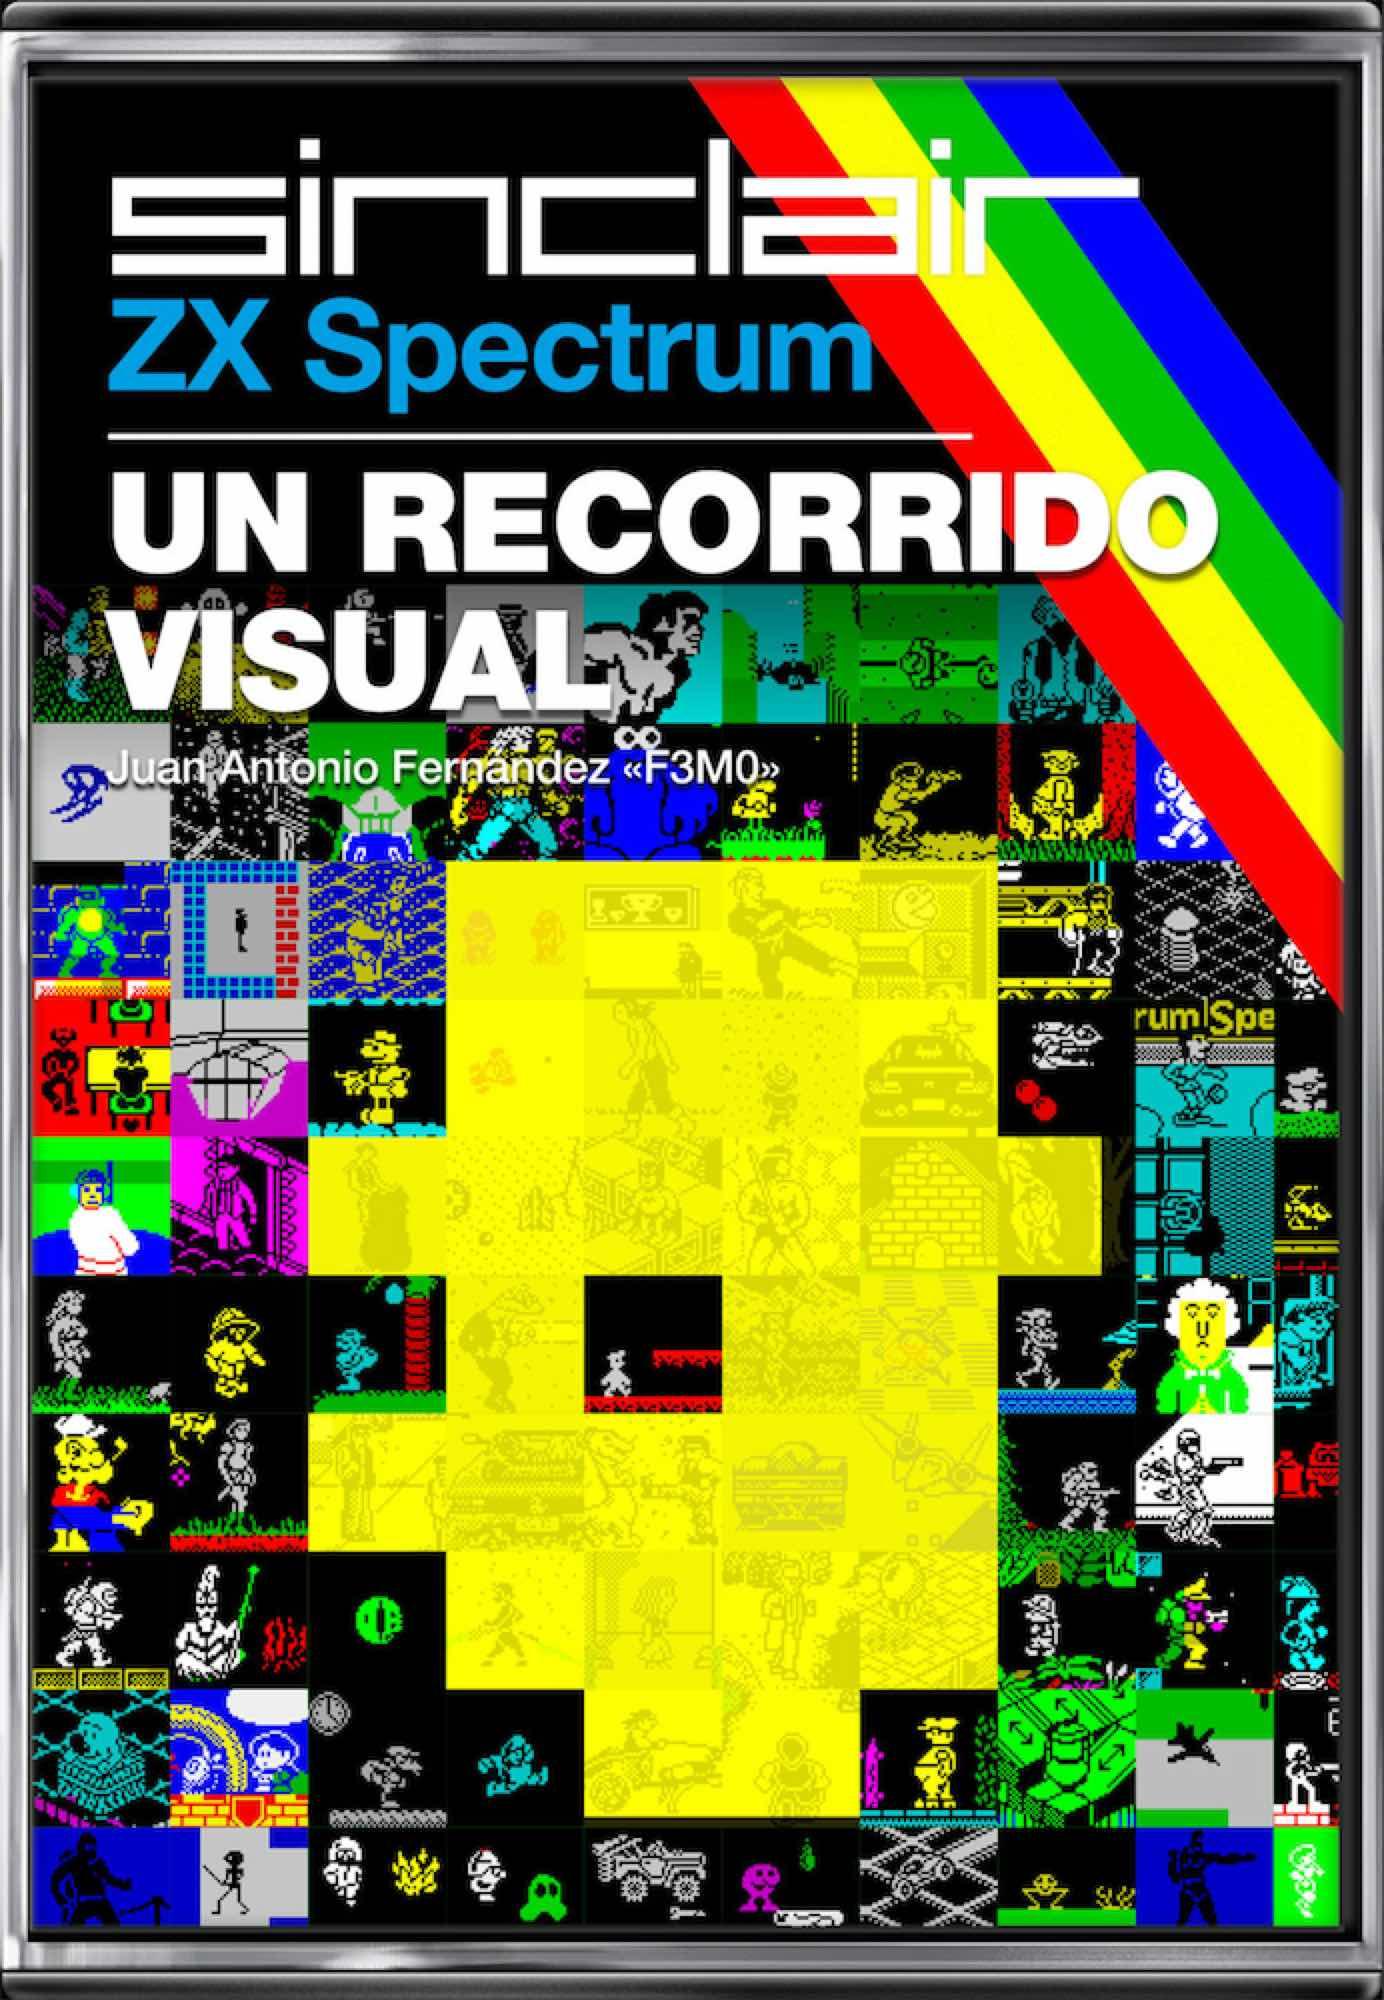 ZX SPECTRUM: UN RECORRIDO VISUAL